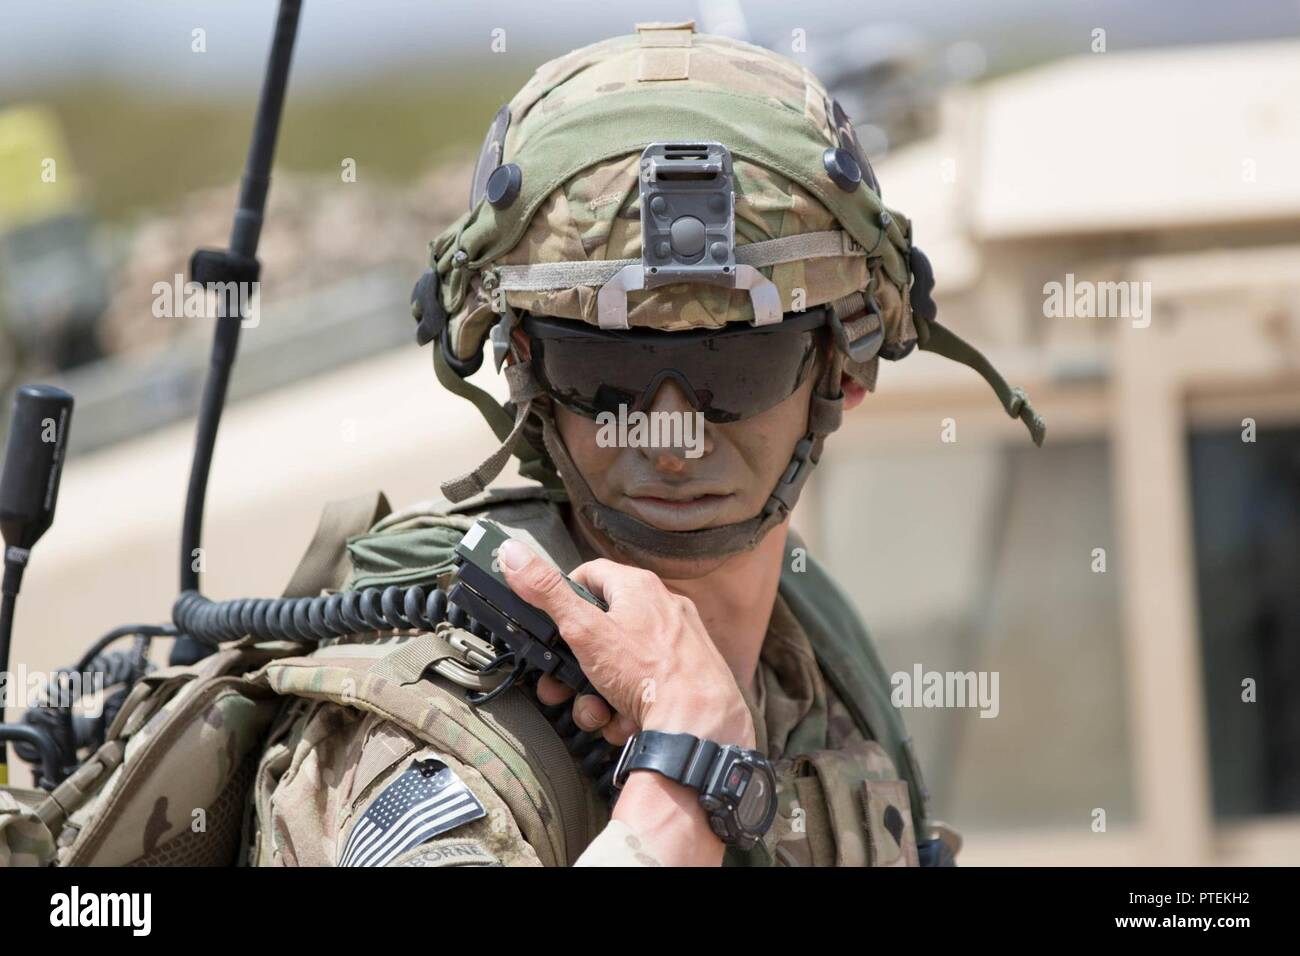 ARMY AIR ASSAULT FORT CAMPBELL-KENTUCKY UNIT /& OPERATION LEFT CHEST ZIPPER